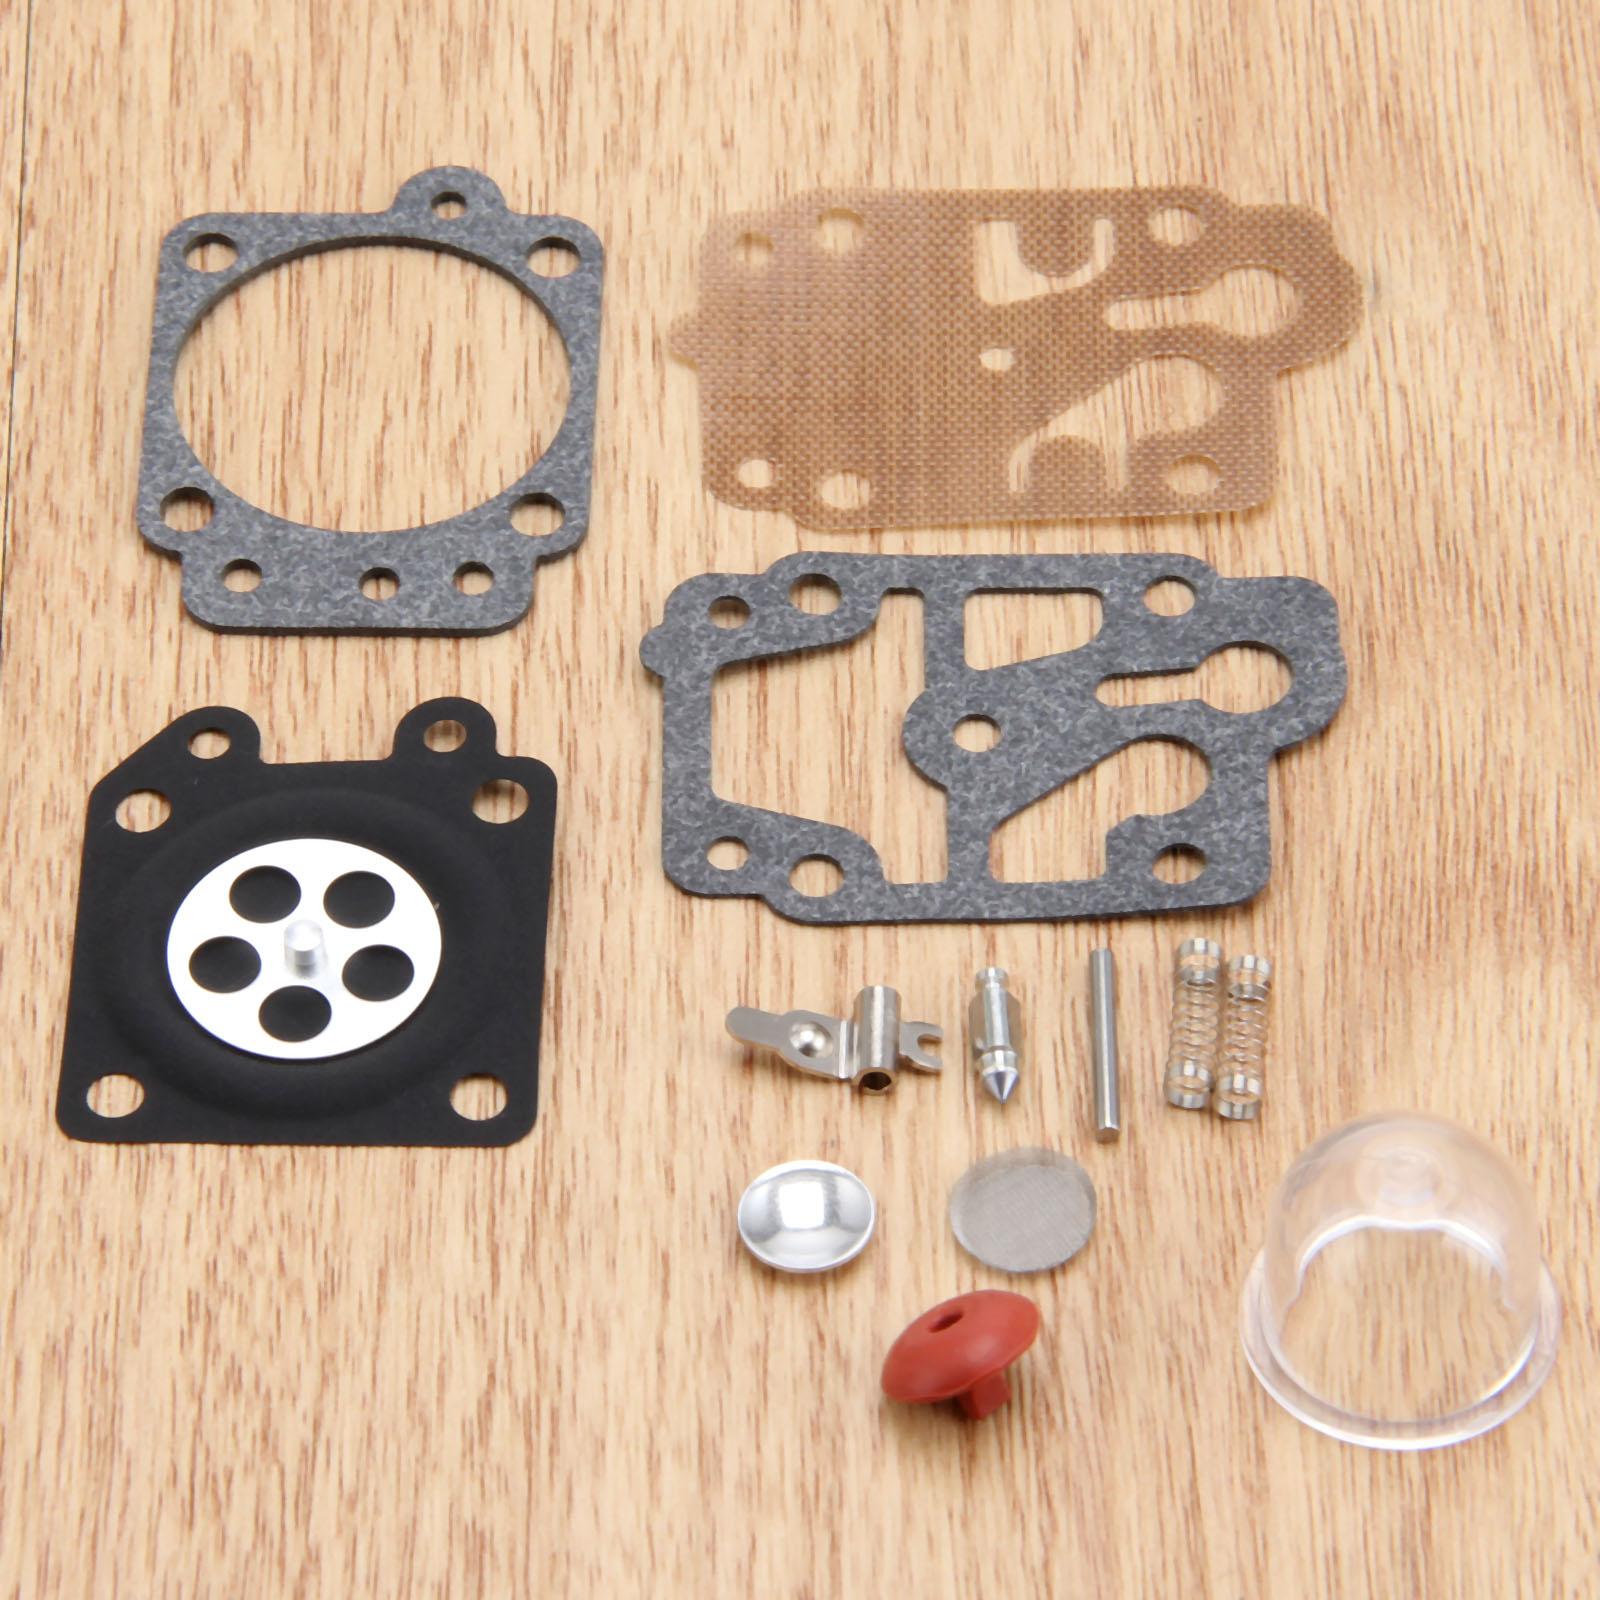 Карбюратор Carb ремонтные комплекты кусторез триммер для травы карбюратор ремонтная прокладка для карбюраторов Walbro 40-5/44F-5 34F 36F 139F